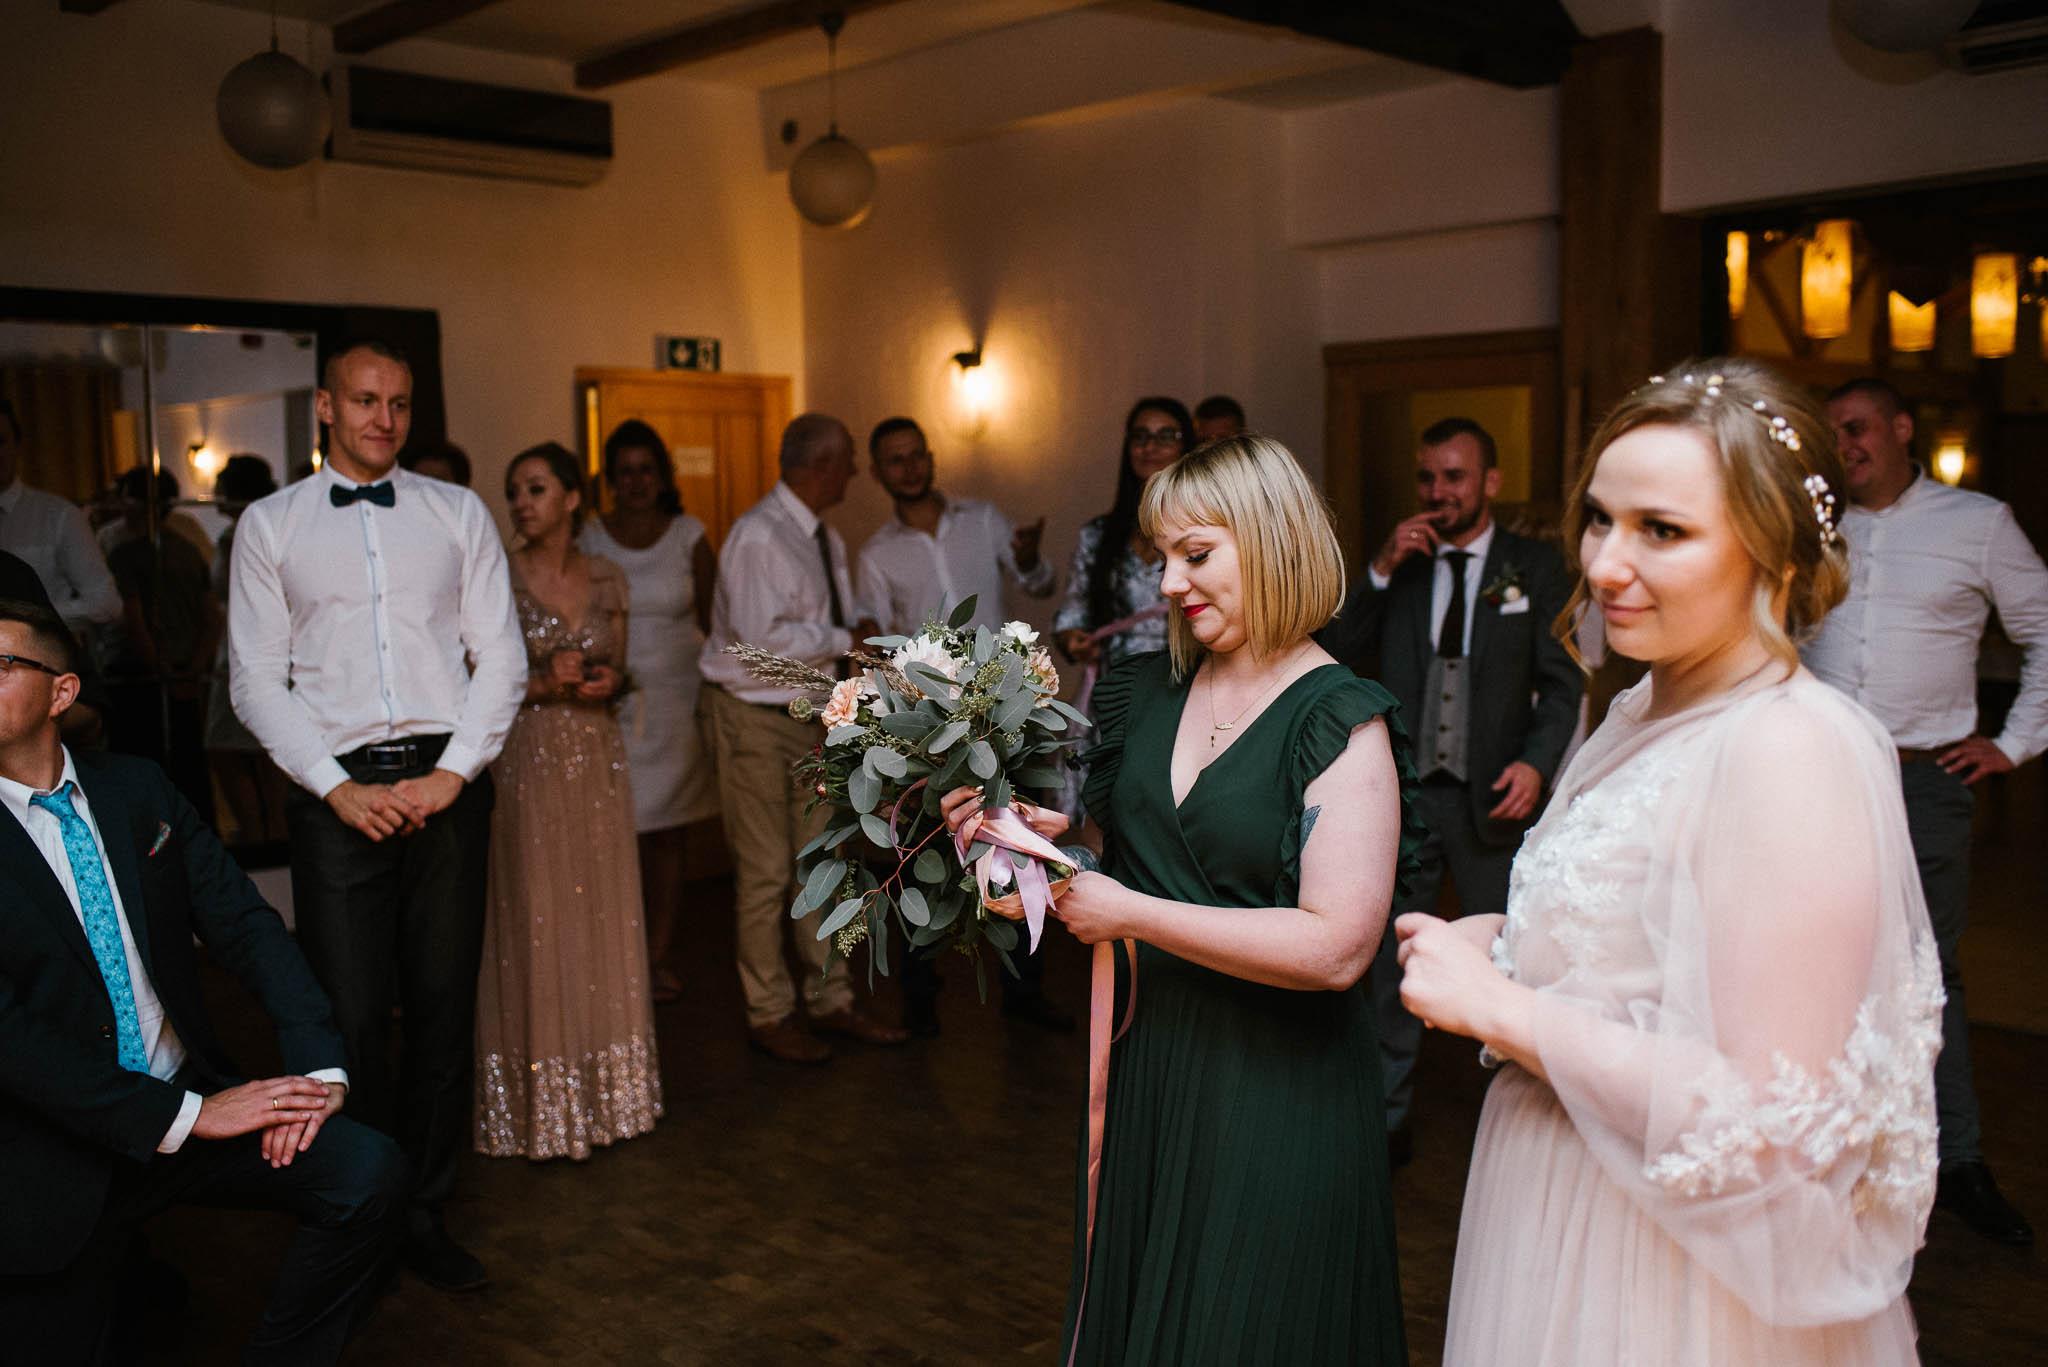 Panna młoda rzuca bukiet podczas oczepin - ślub w Biskupicach, Siedem Drzew